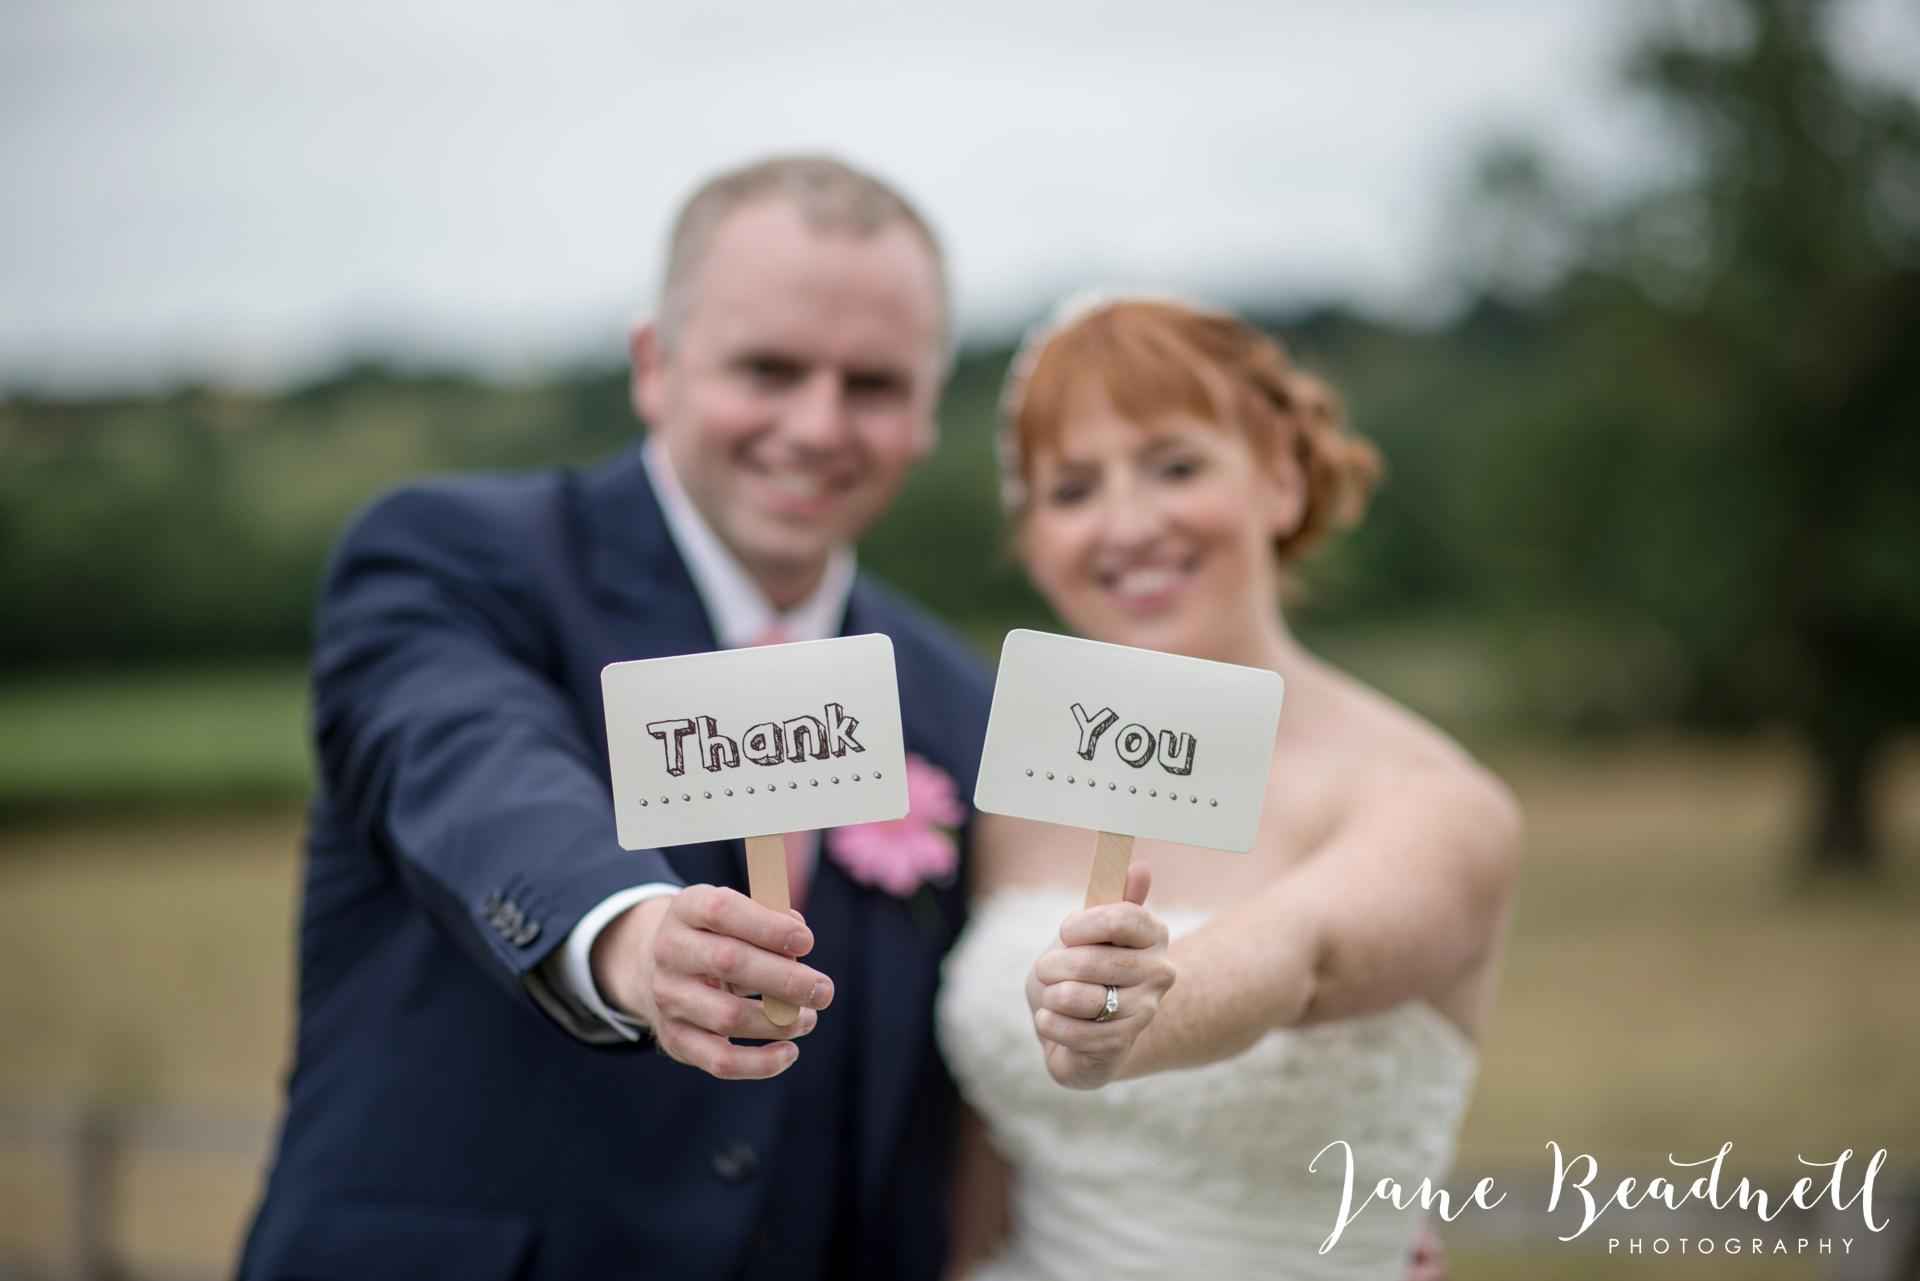 creative wedding photographer Leeds Jane Beadnell wedding photographer_0002